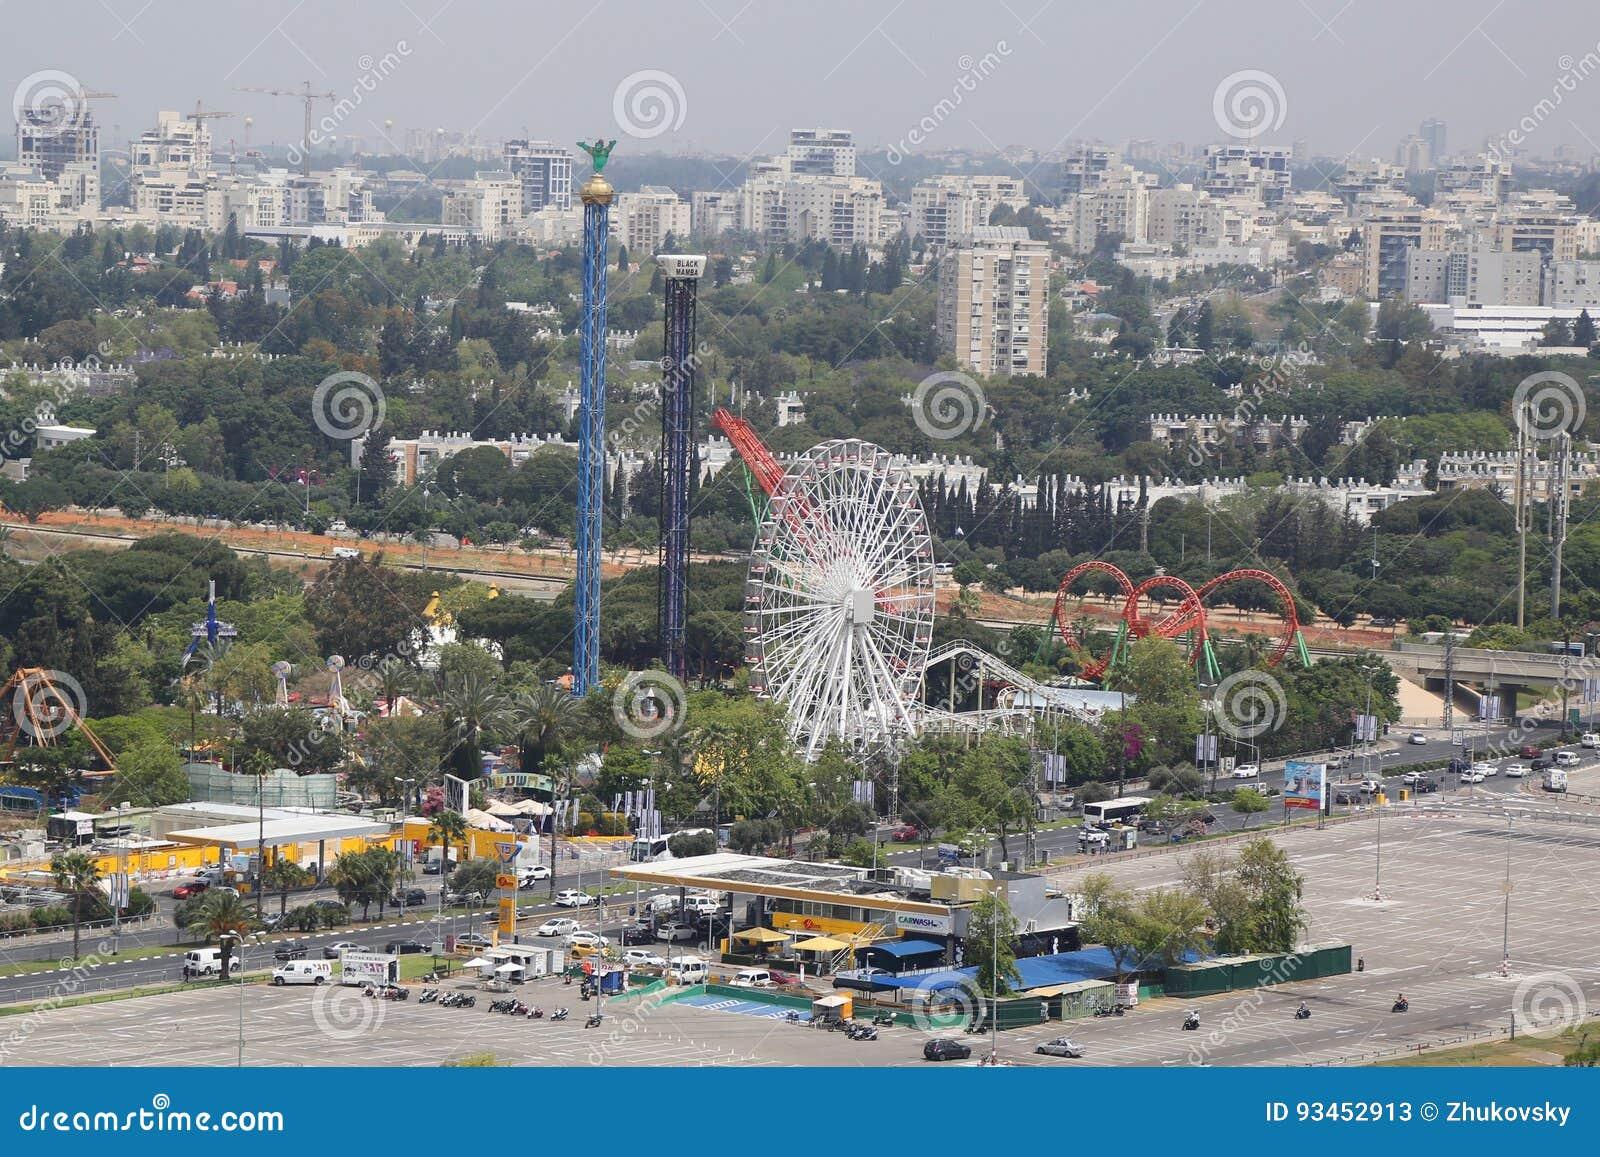 Luna Park in Tel Aviv